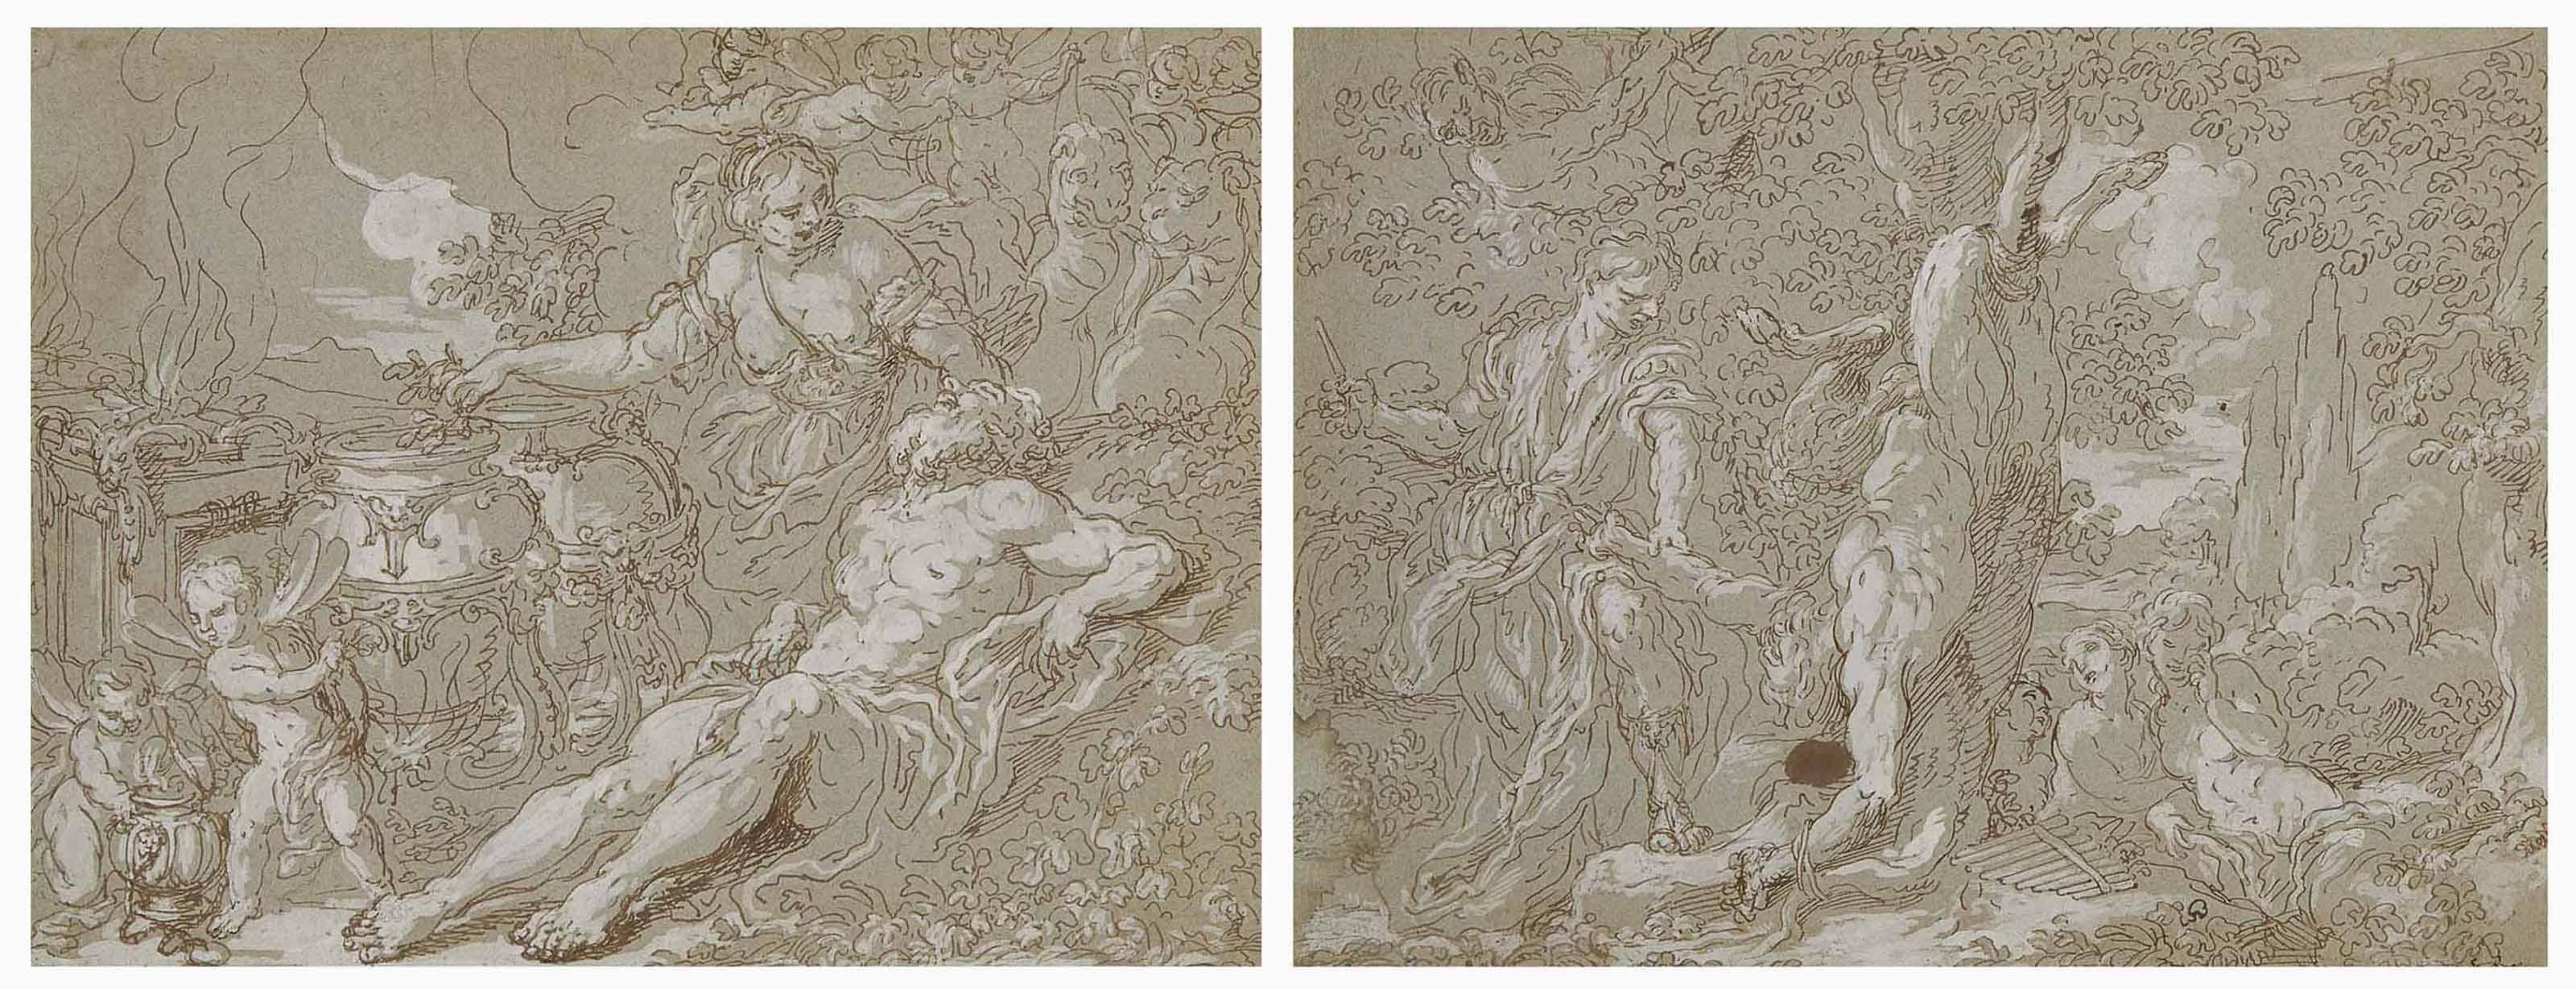 Médée rajeunit Éson ; et Le Supplice de Marsyas par Apollon